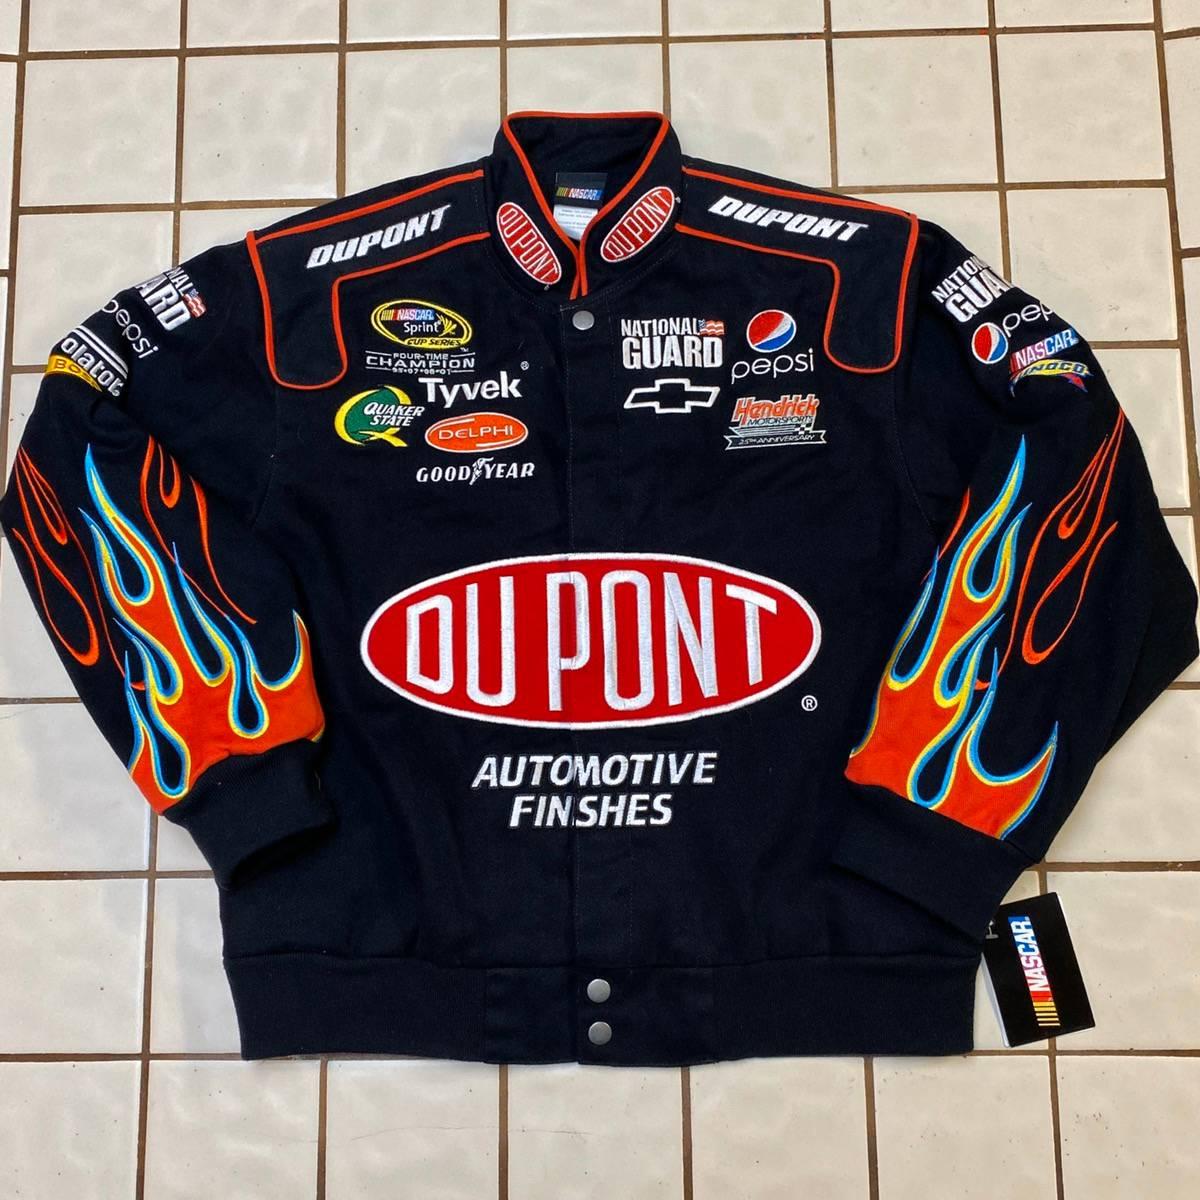 Vintage Vintage Dupont Jeff Gordon Nascar Flames Racing Jacket Sz M Grailed